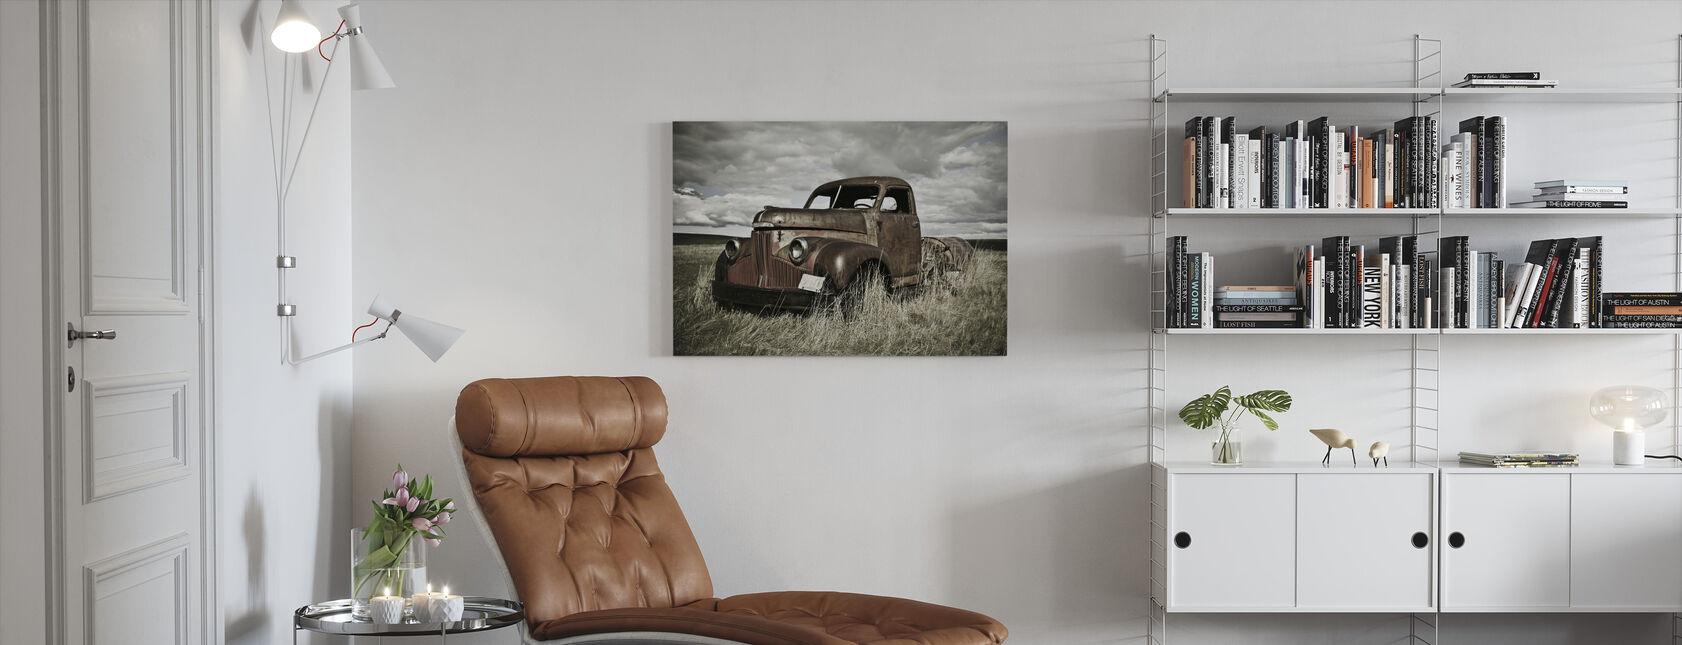 Vieux camion sur le terrain - Impression sur toile - Salle à manger